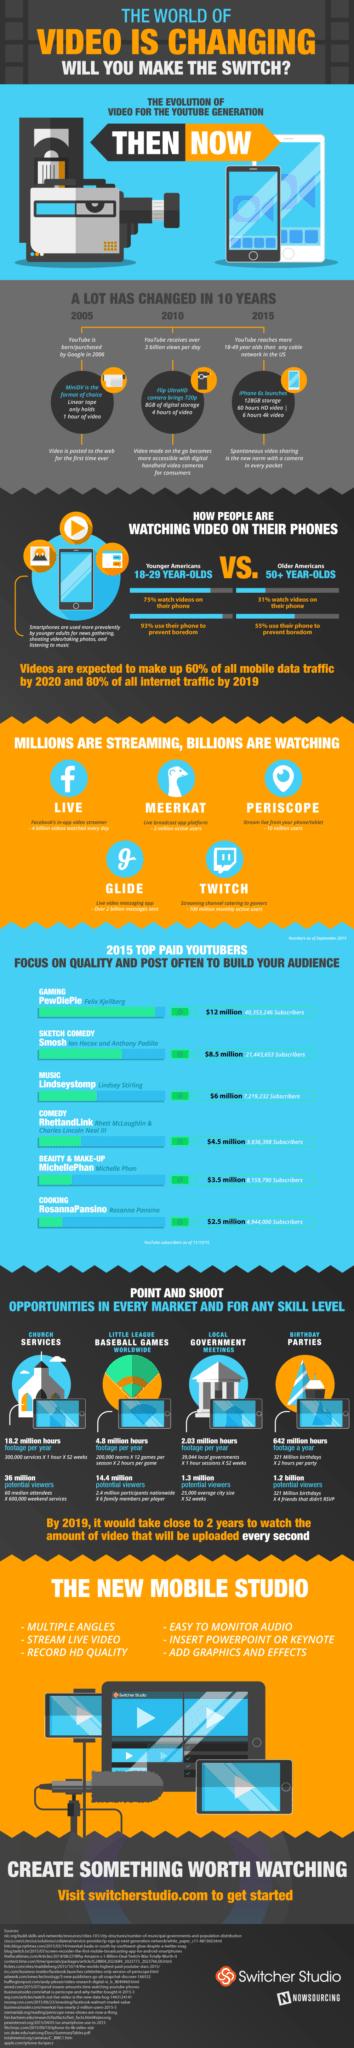 switcher-studio-infographic4